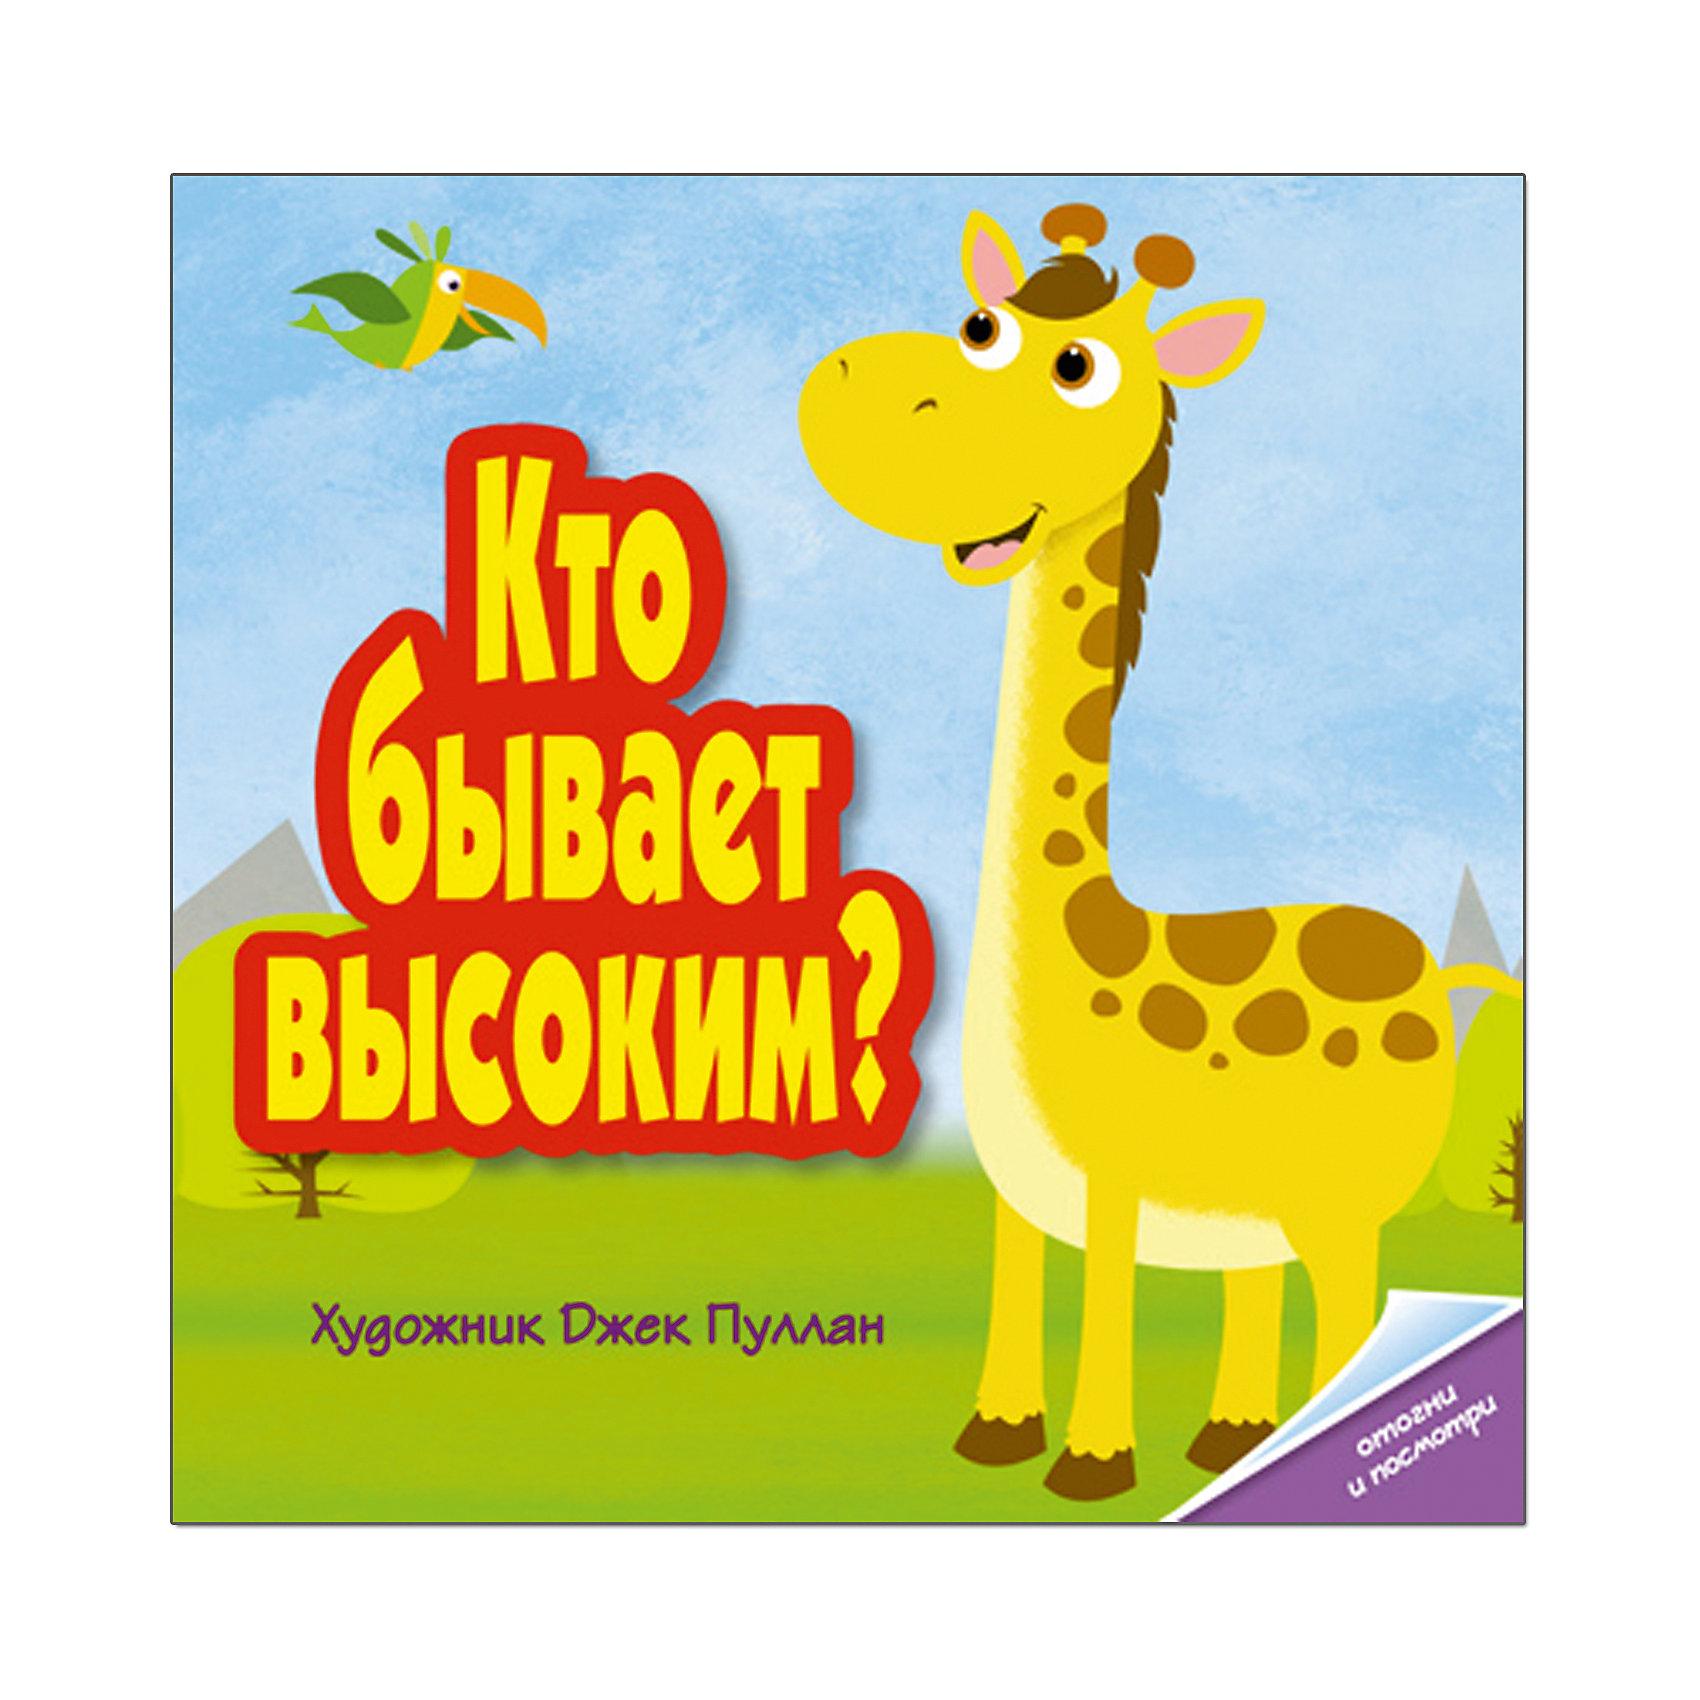 Книжка Кто бывает высоким?, Мозаика-СинтезТворчество для малышей<br>Книжка Кто бывает высоким?, Мозаика-Синтез<br><br>Характеристики:<br><br>• Издательство: МОЗАИКА-СИНТЕЗ<br>• ISBN:978-5-86775-918-6<br>• Тип: книга с картонными страницами.<br>• Раздел знаний: ознакомление с окружающим миром.<br>• Возраст: 1-4 года.<br>• Размер книги: 260х260 мм.<br>• Количество страниц: 10.<br><br>Веселая детская книжка с большими яркими картинками и открывающимися на каждом развороте клапанами развлечет маленького непоседу и поможет ему в освоении простейшей математики.<br><br>Кто бывает высоким, маленьким, длинным или большим? Ответы на эти вопросы скрываются в книжке, и ваш малыш с огромным удовольствием незамедлительно отправится на их поиски. Потрясающие иллюстрации Джека Пуллона с первого взгляда приковывают к себе внимание и детей и взрослых. <br><br>Такую интересную и яркую книжку хочется держать в руках. Ее страницы, особой конструкции изготовлены из плотного картона и способны выдержать читательский интерес самых маленьких девочек и мальчиков.<br><br>Книгу Кто бывает высоким?, Мозаика-Синтез, можно купить в нашем интернет – магазине<br><br>Ширина мм: 20<br>Глубина мм: 260<br>Высота мм: 260<br>Вес г: 500<br>Возраст от месяцев: 12<br>Возраст до месяцев: 48<br>Пол: Унисекс<br>Возраст: Детский<br>SKU: 5428895